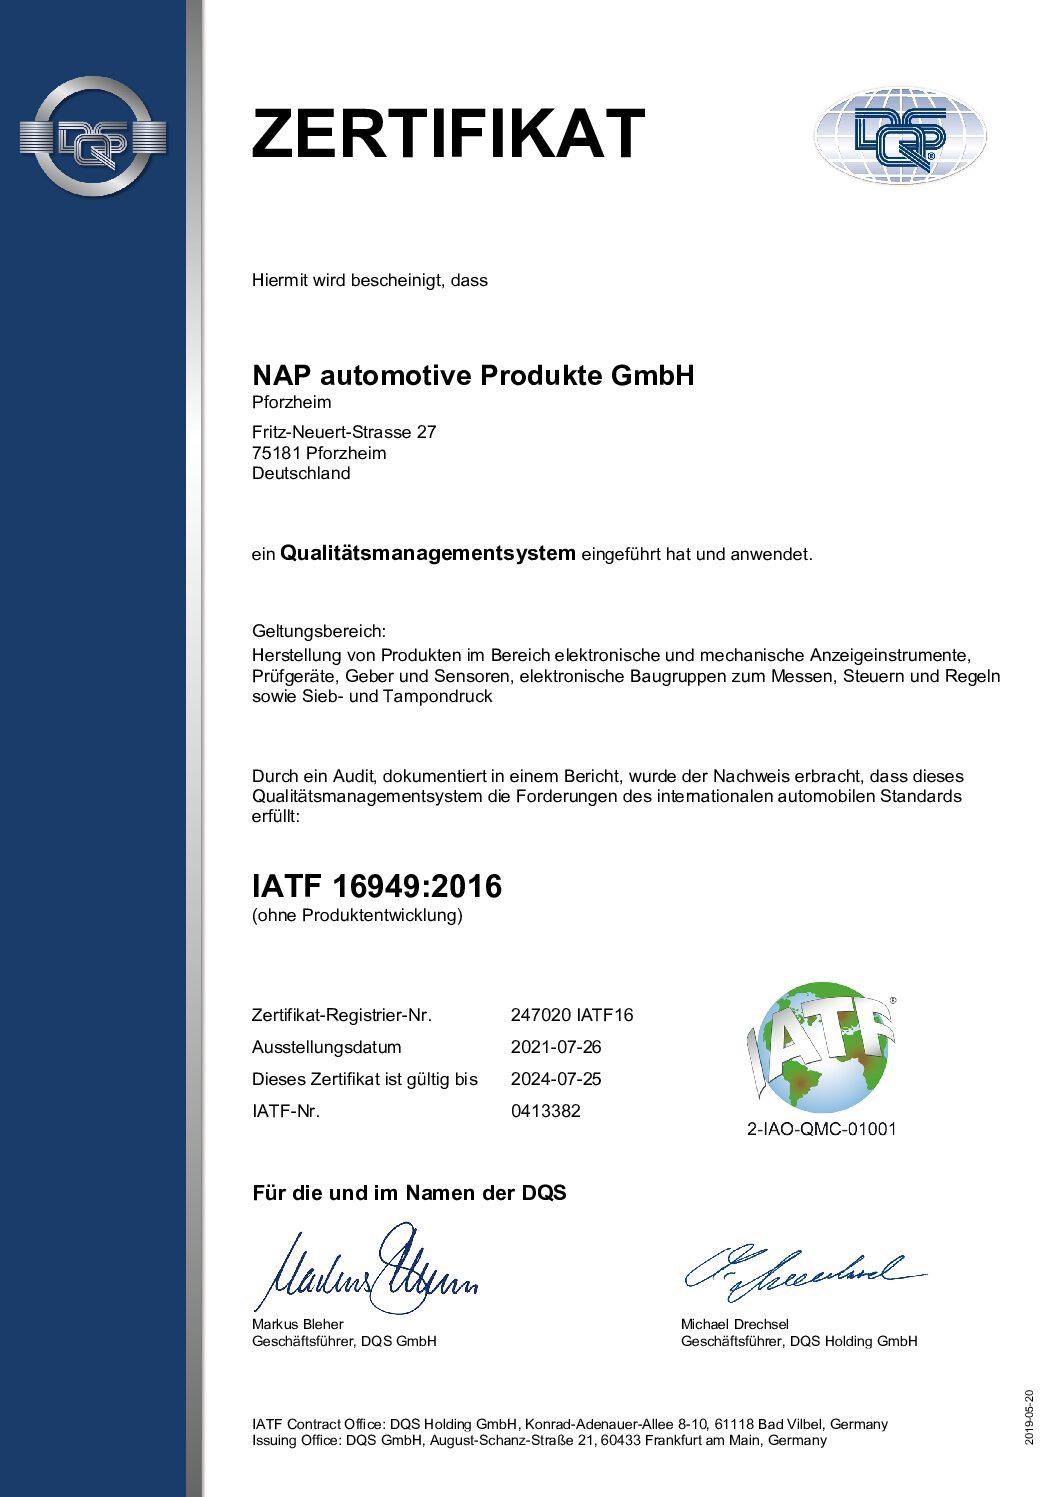 Zertifikat IATF 16949:2016